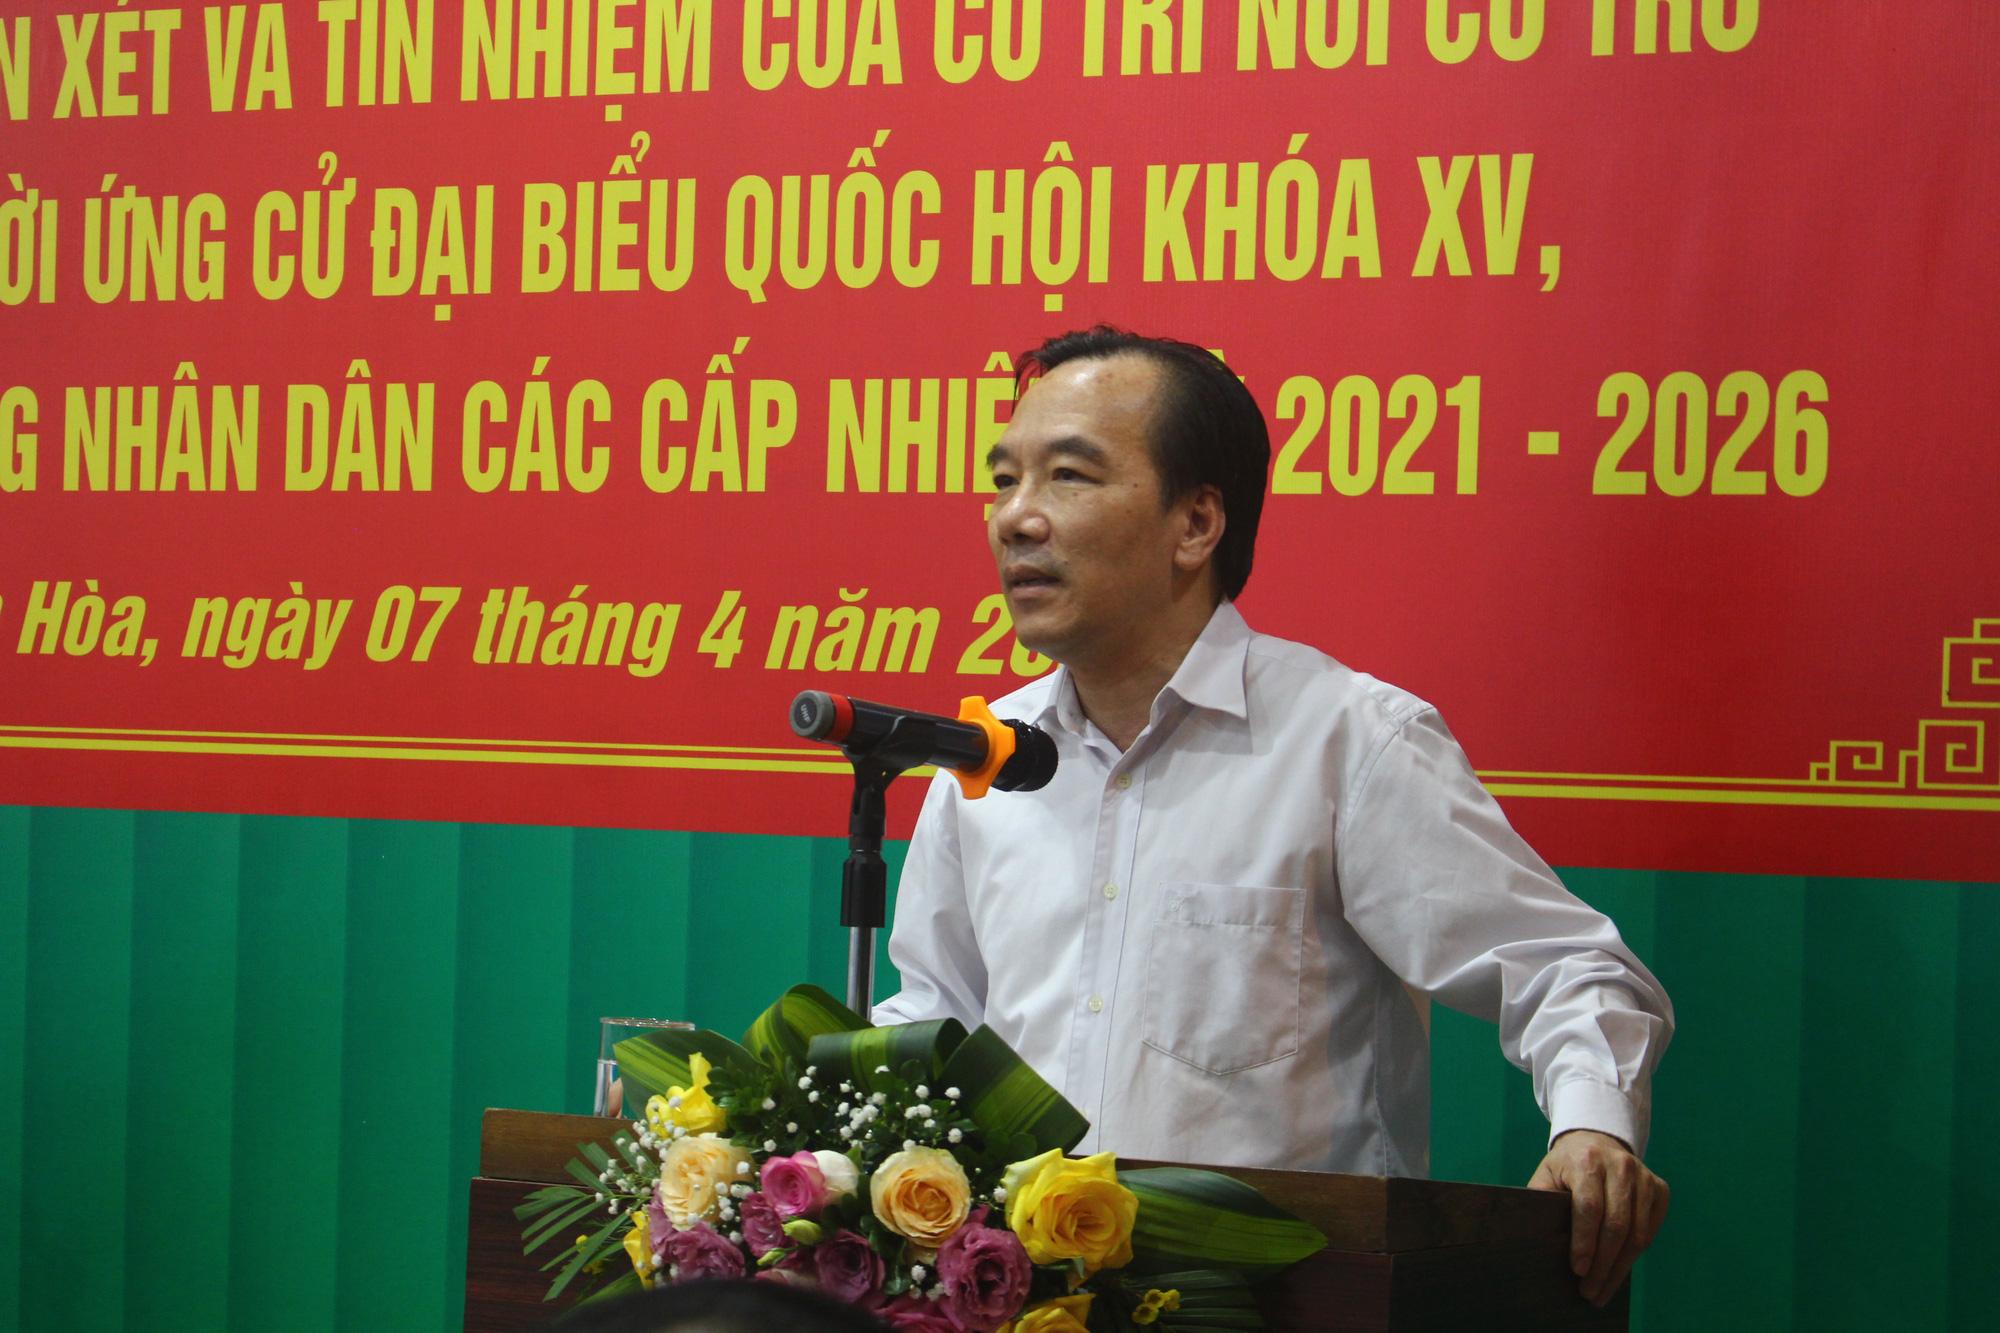 Ông Lương Quốc Đoàn được cử tri tín nhiệm cao, giới thiệu ứng cử Đại biểu Quốc hội khoá XV - Ảnh 5.